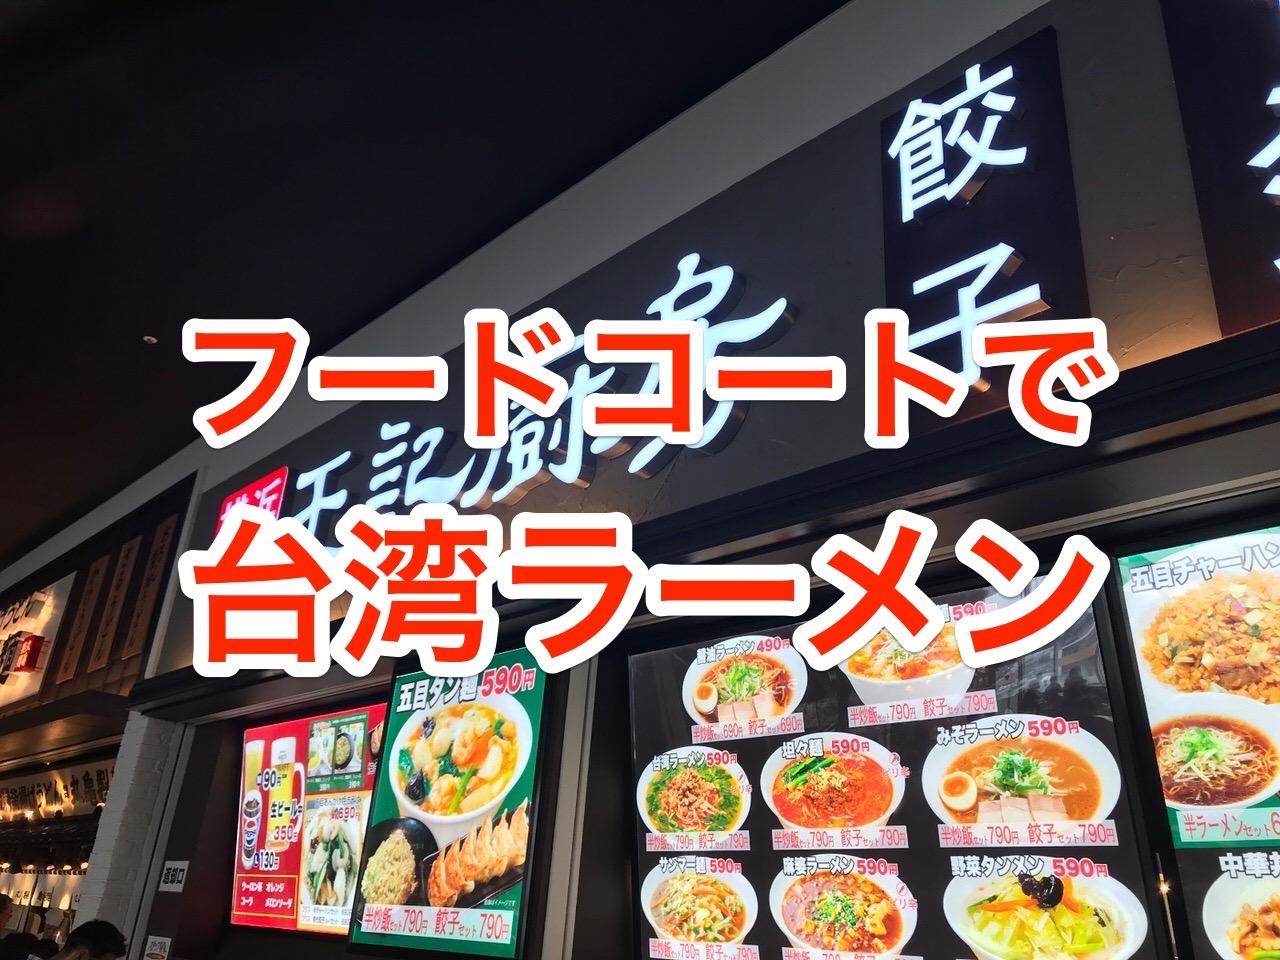 「王記厨房 イオンモール浦和美園店」フードコートで台湾ラーメン